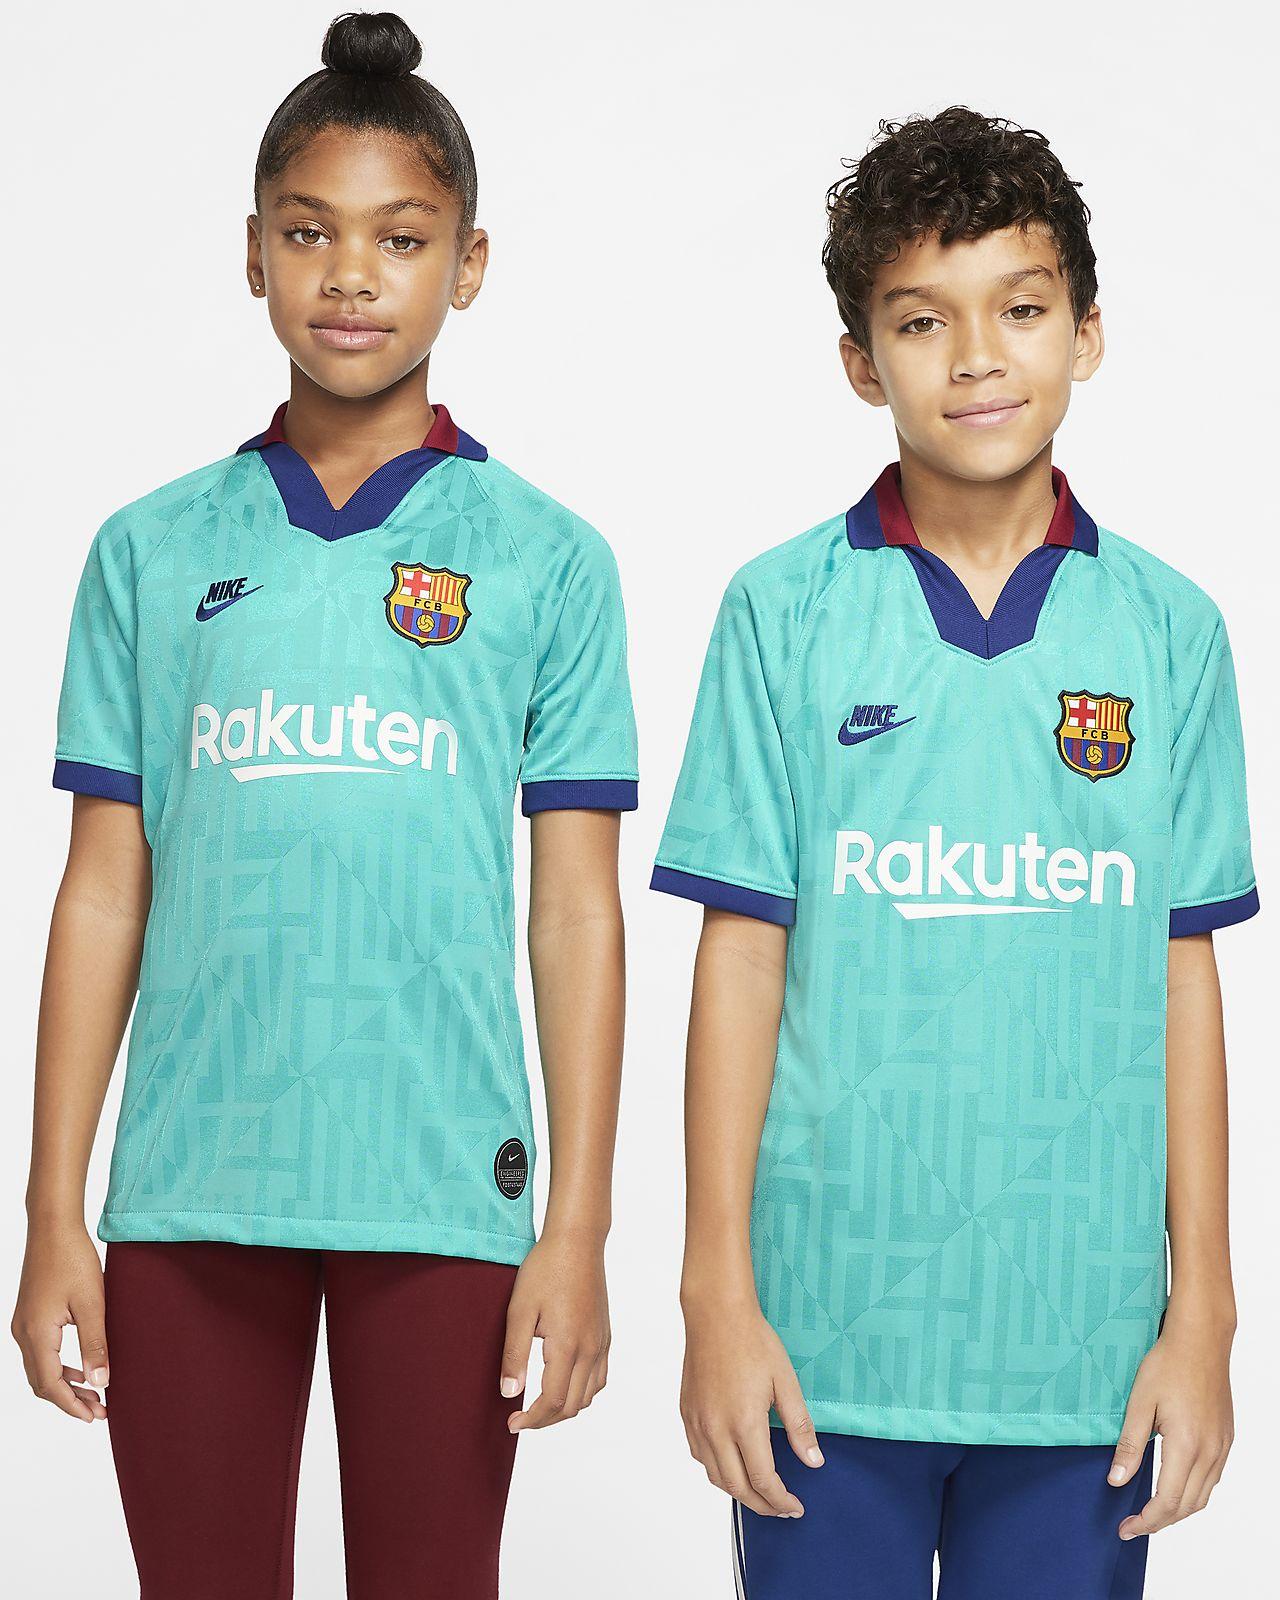 เสื้อแข่งฟุตบอลเด็กโต FC Barcelona 2019/20 Stadium Third